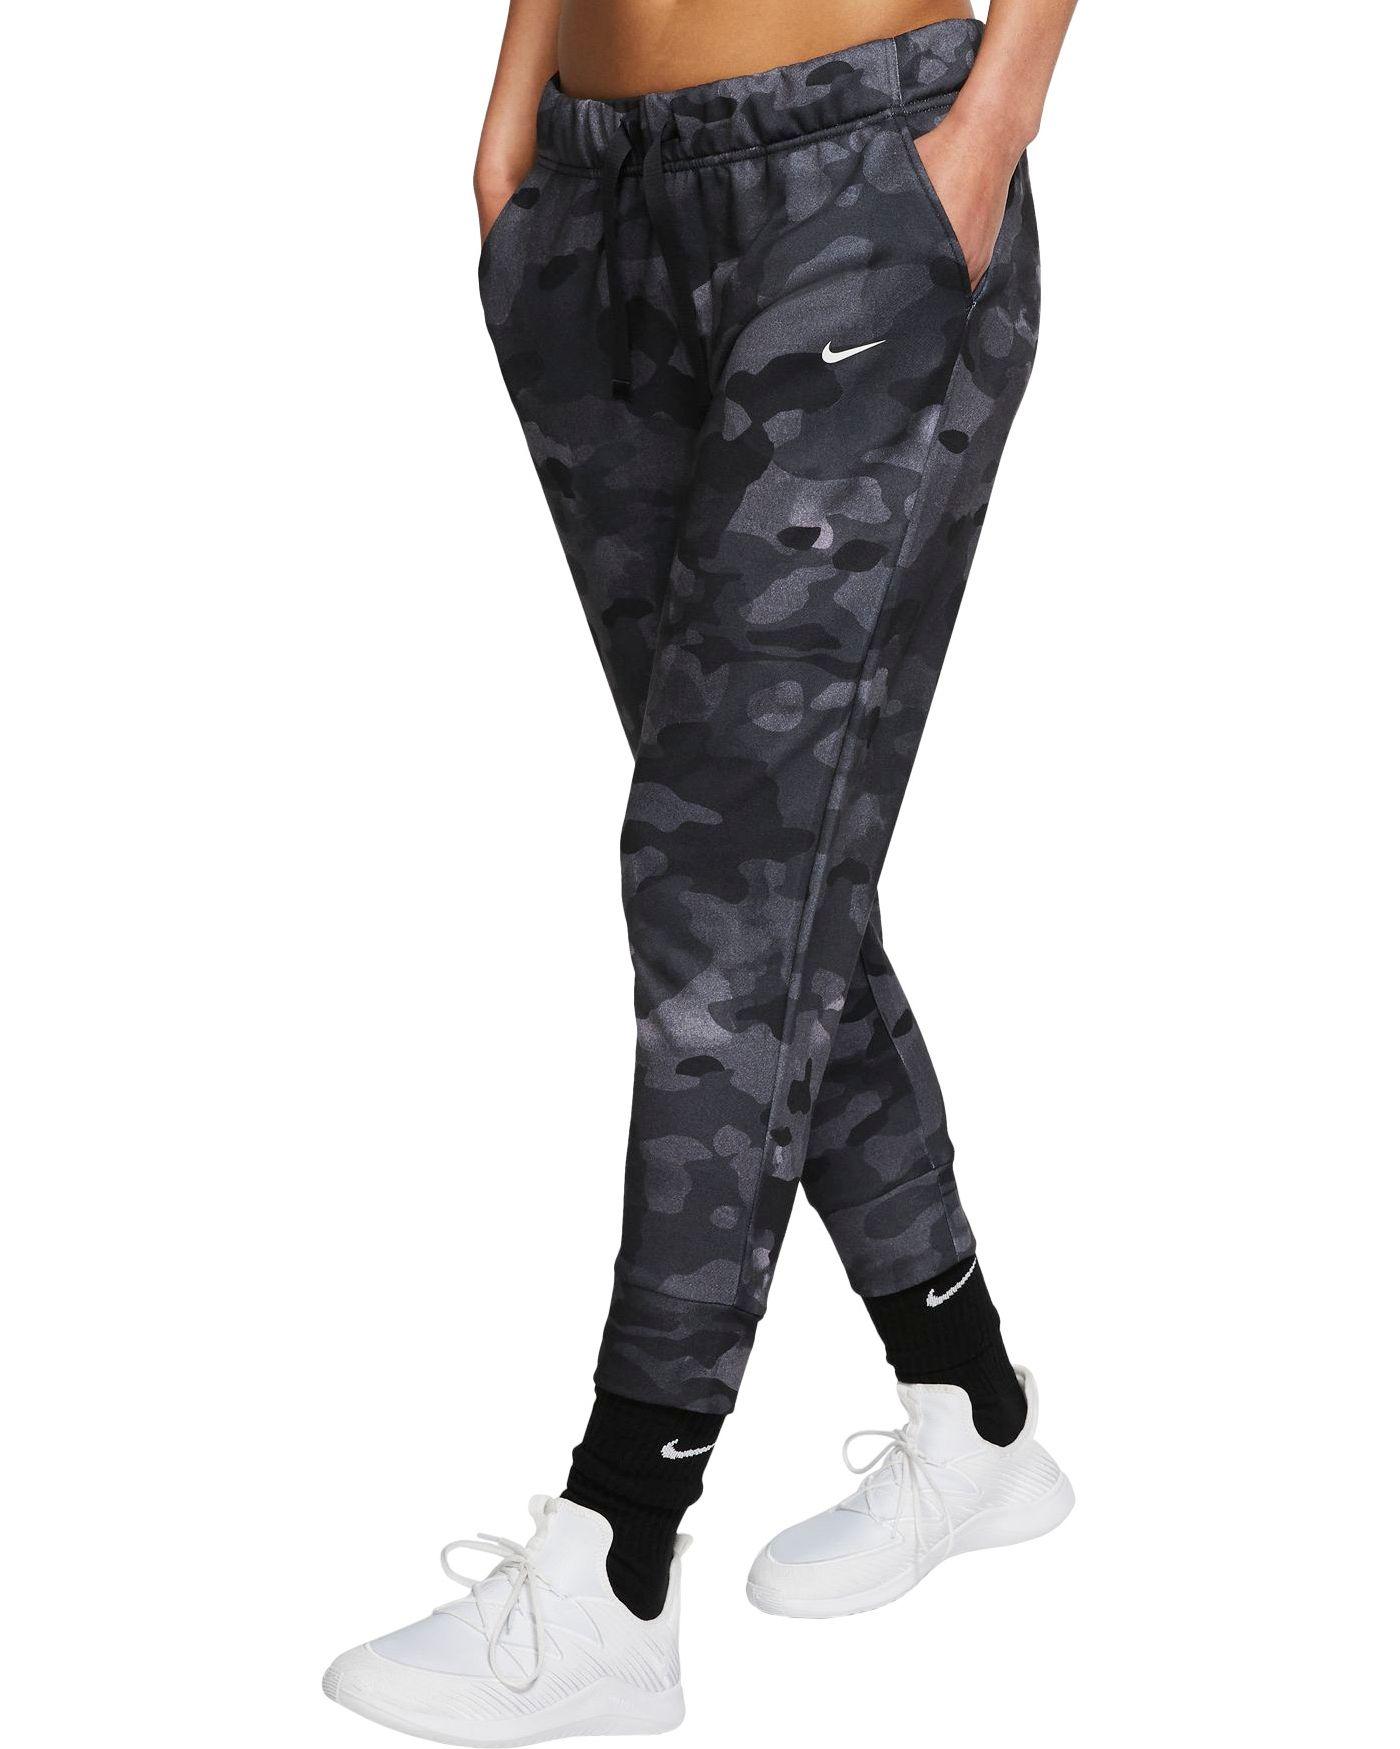 Nike Women's Dri-FIT Rebel Fleece 7/8 Training Pants